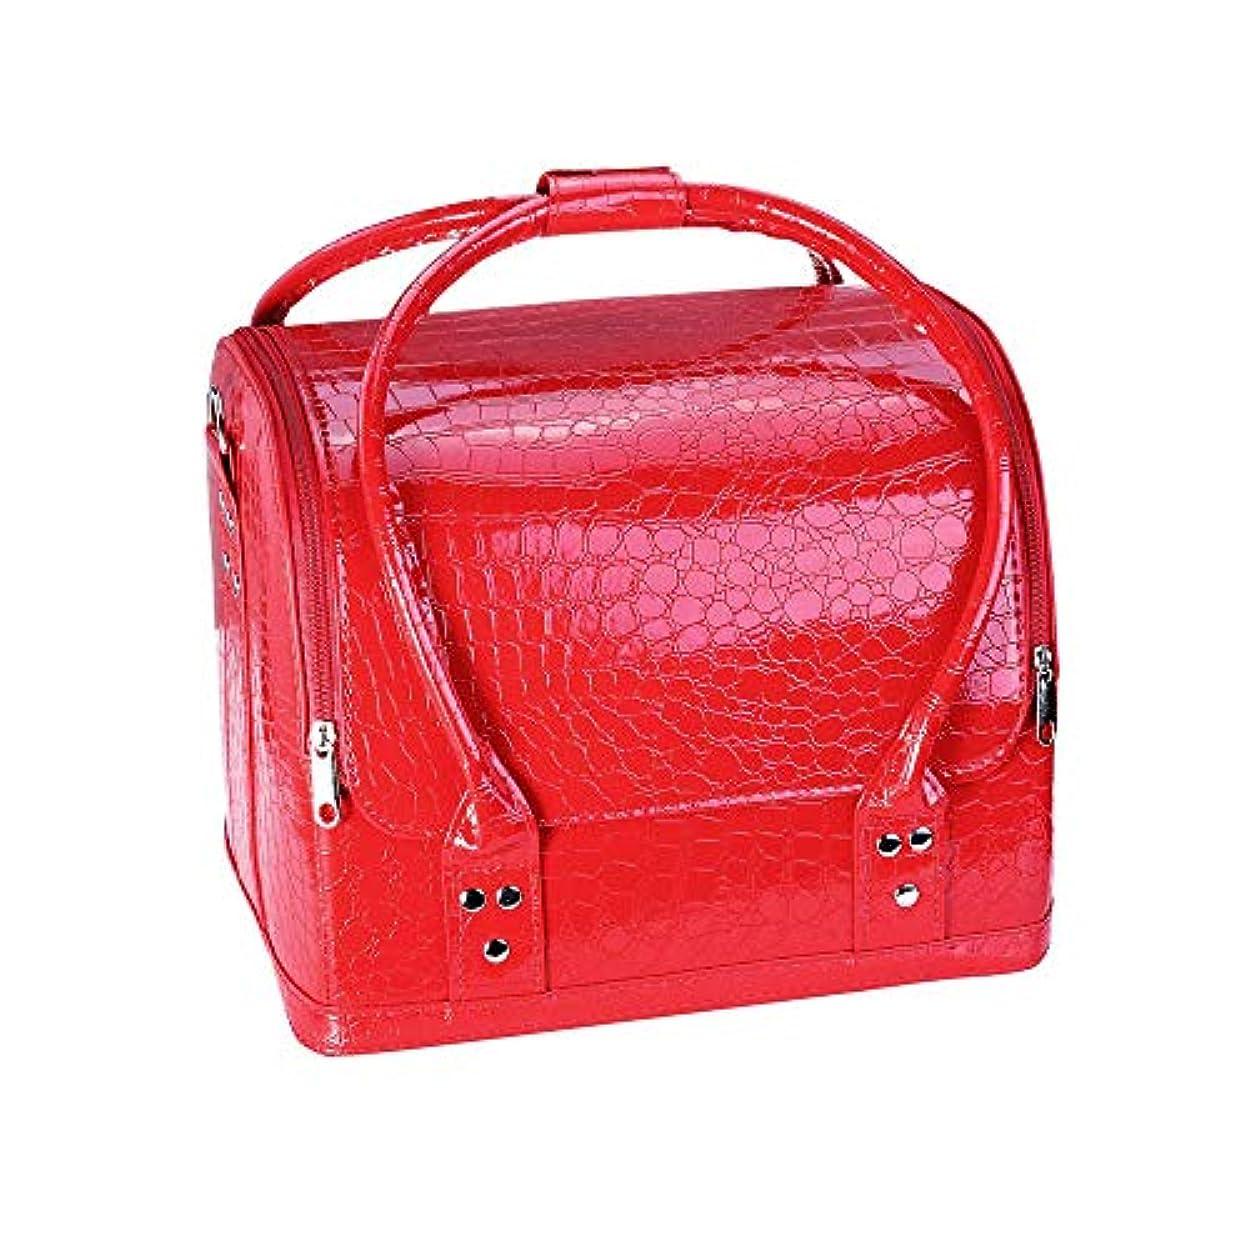 発音する資格入浴化粧オーガナイザーバッグ プロフェッショナルビューティーメイクアップケースネイル化粧箱ビニールケースオーガナイザークロコダイルパターン 化粧品ケース (色 : 赤)